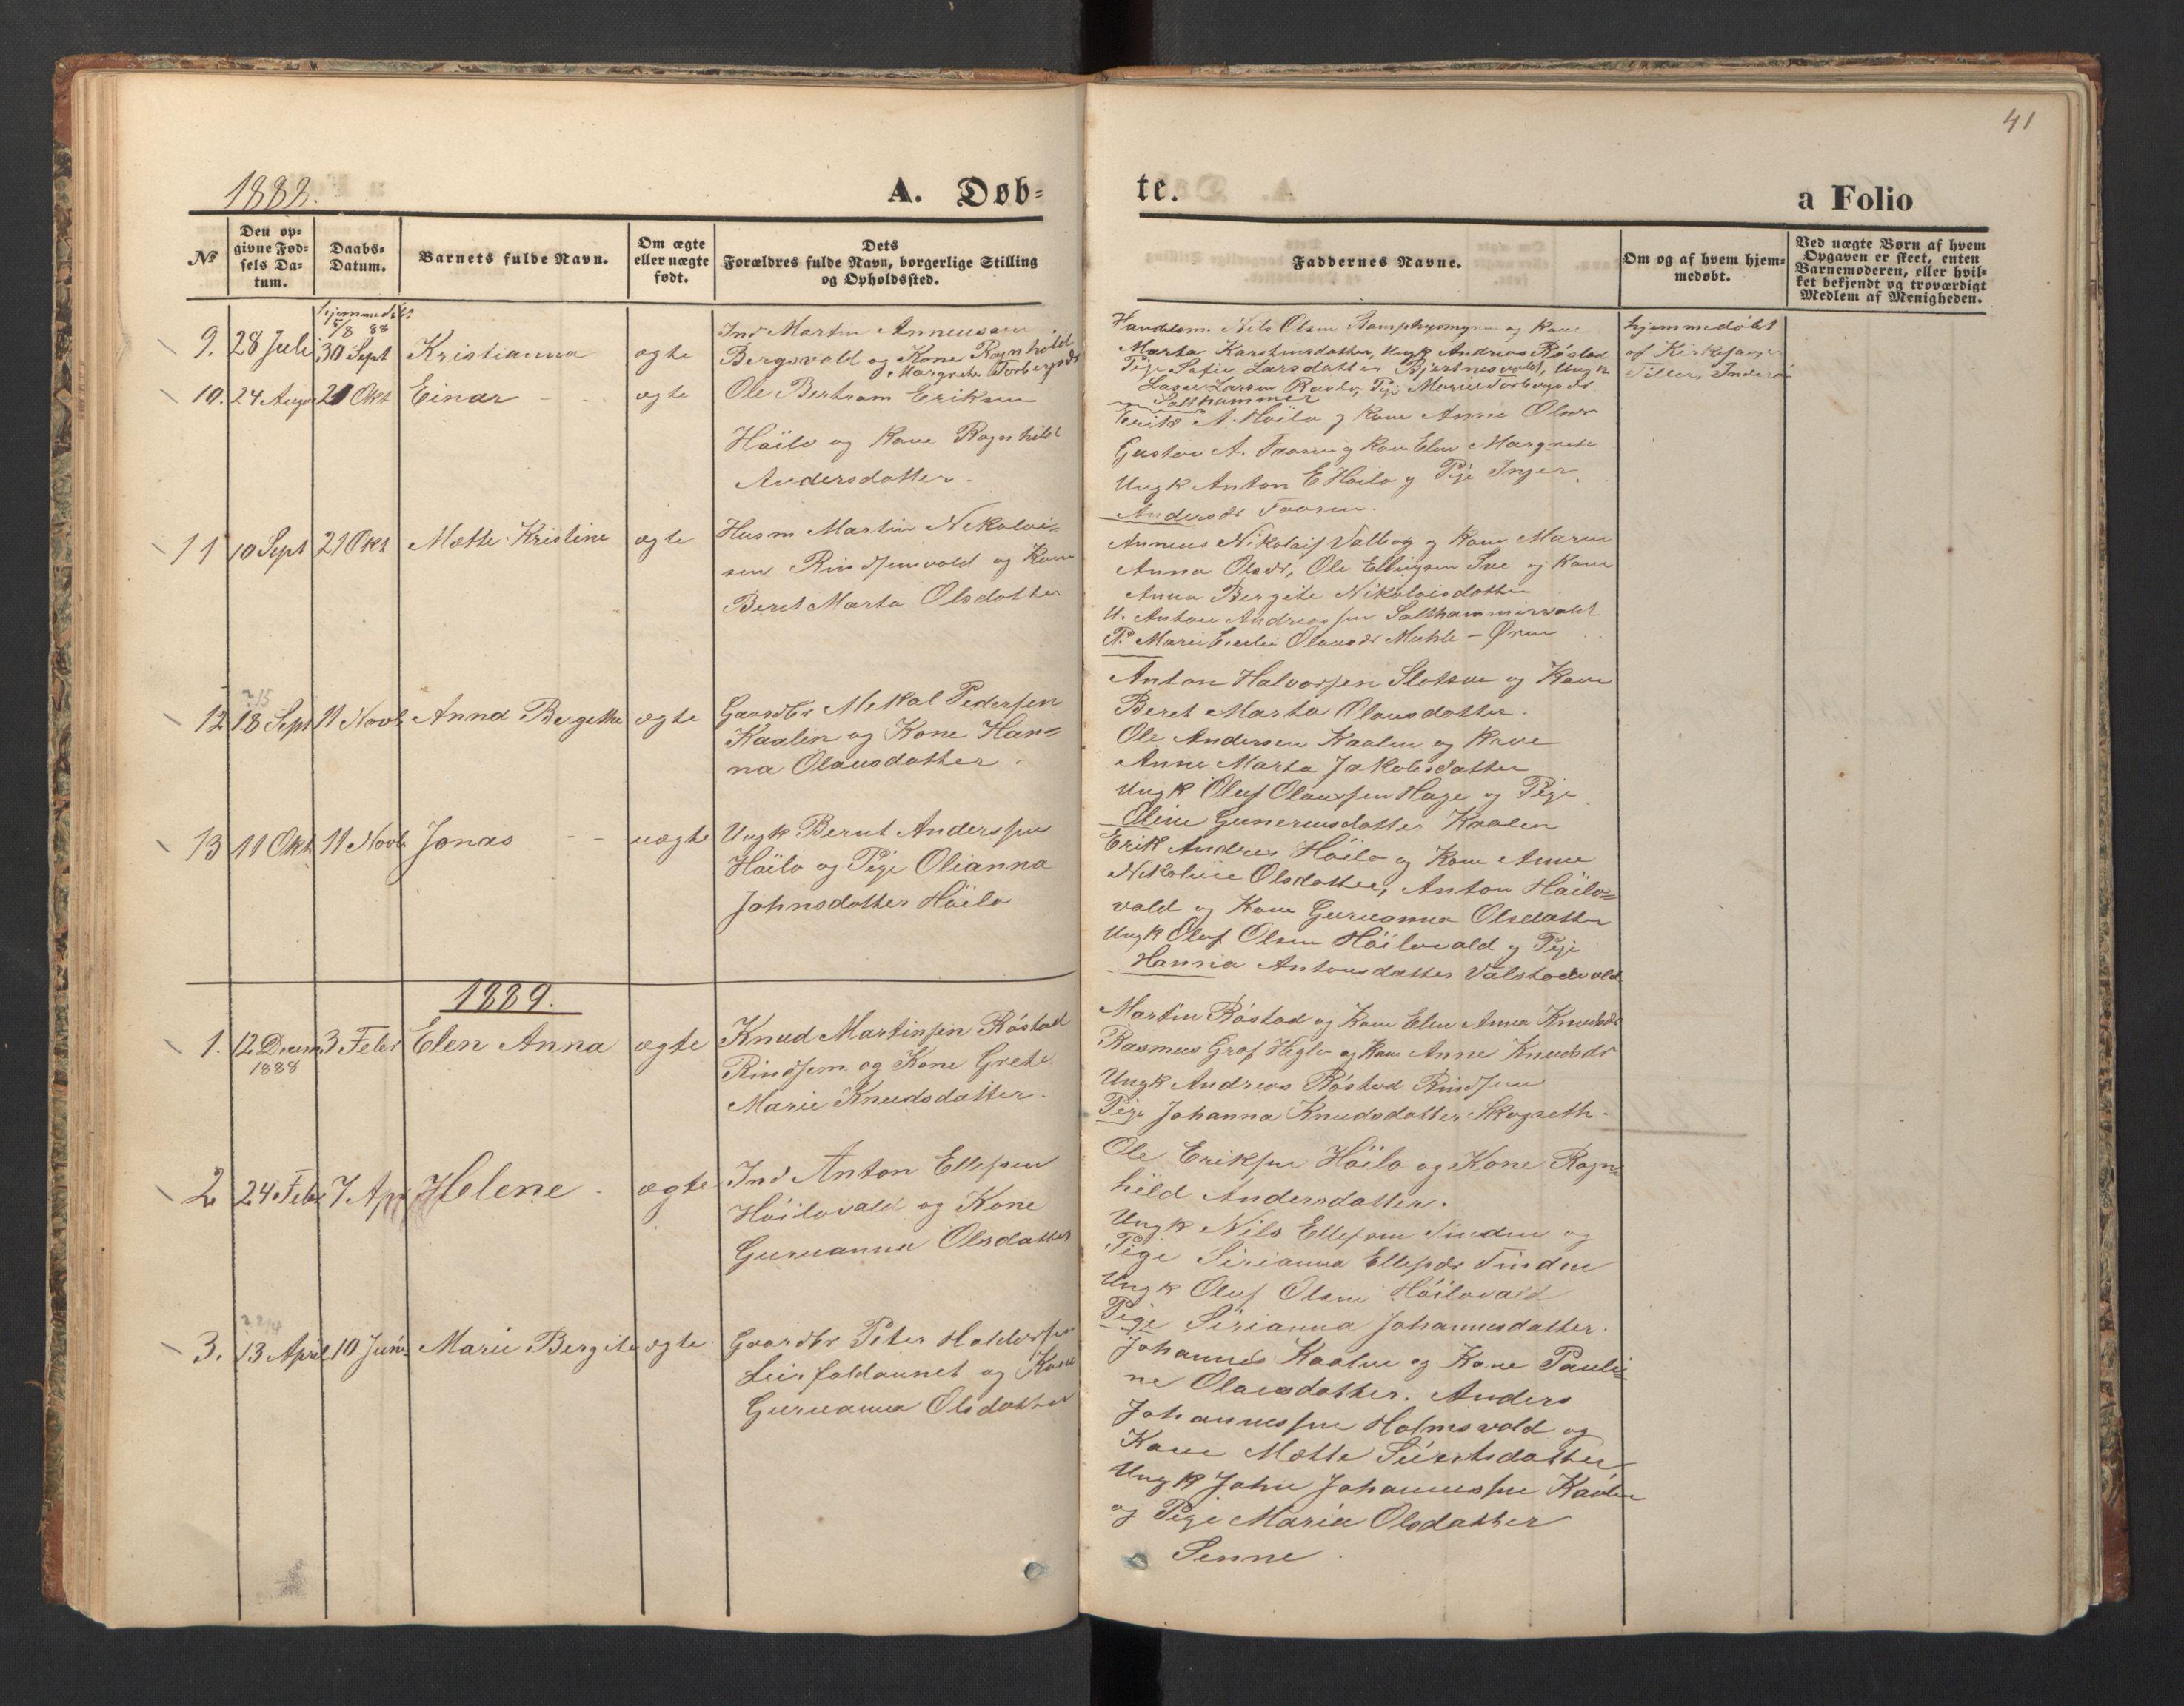 SAT, Ministerialprotokoller, klokkerbøker og fødselsregistre - Nord-Trøndelag, 726/L0271: Klokkerbok nr. 726C02, 1869-1897, s. 41